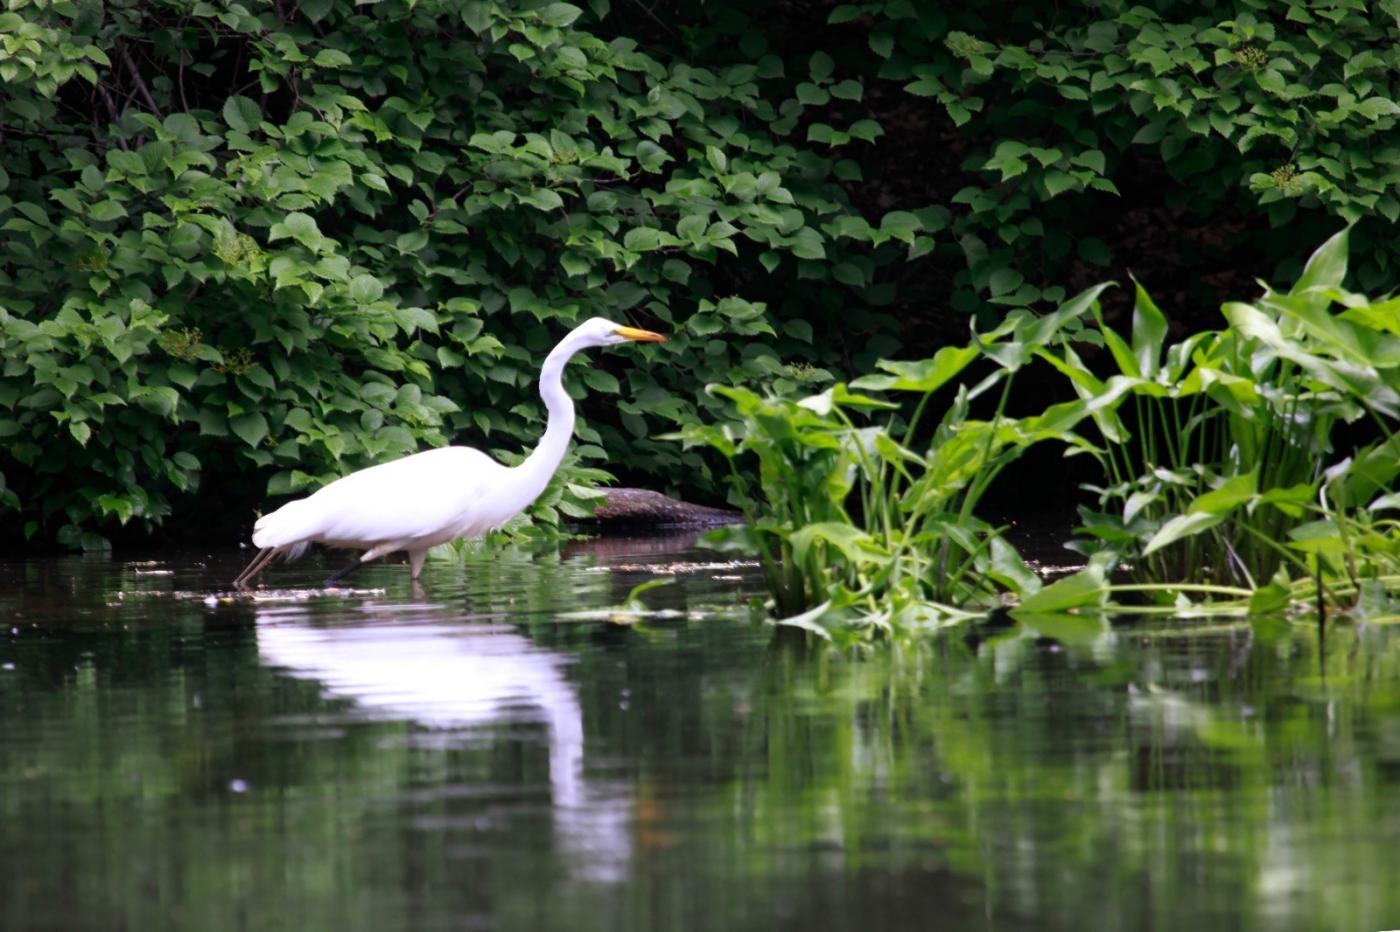 中央公园的白鹭,姿态优美,游客喜爱_图1-14